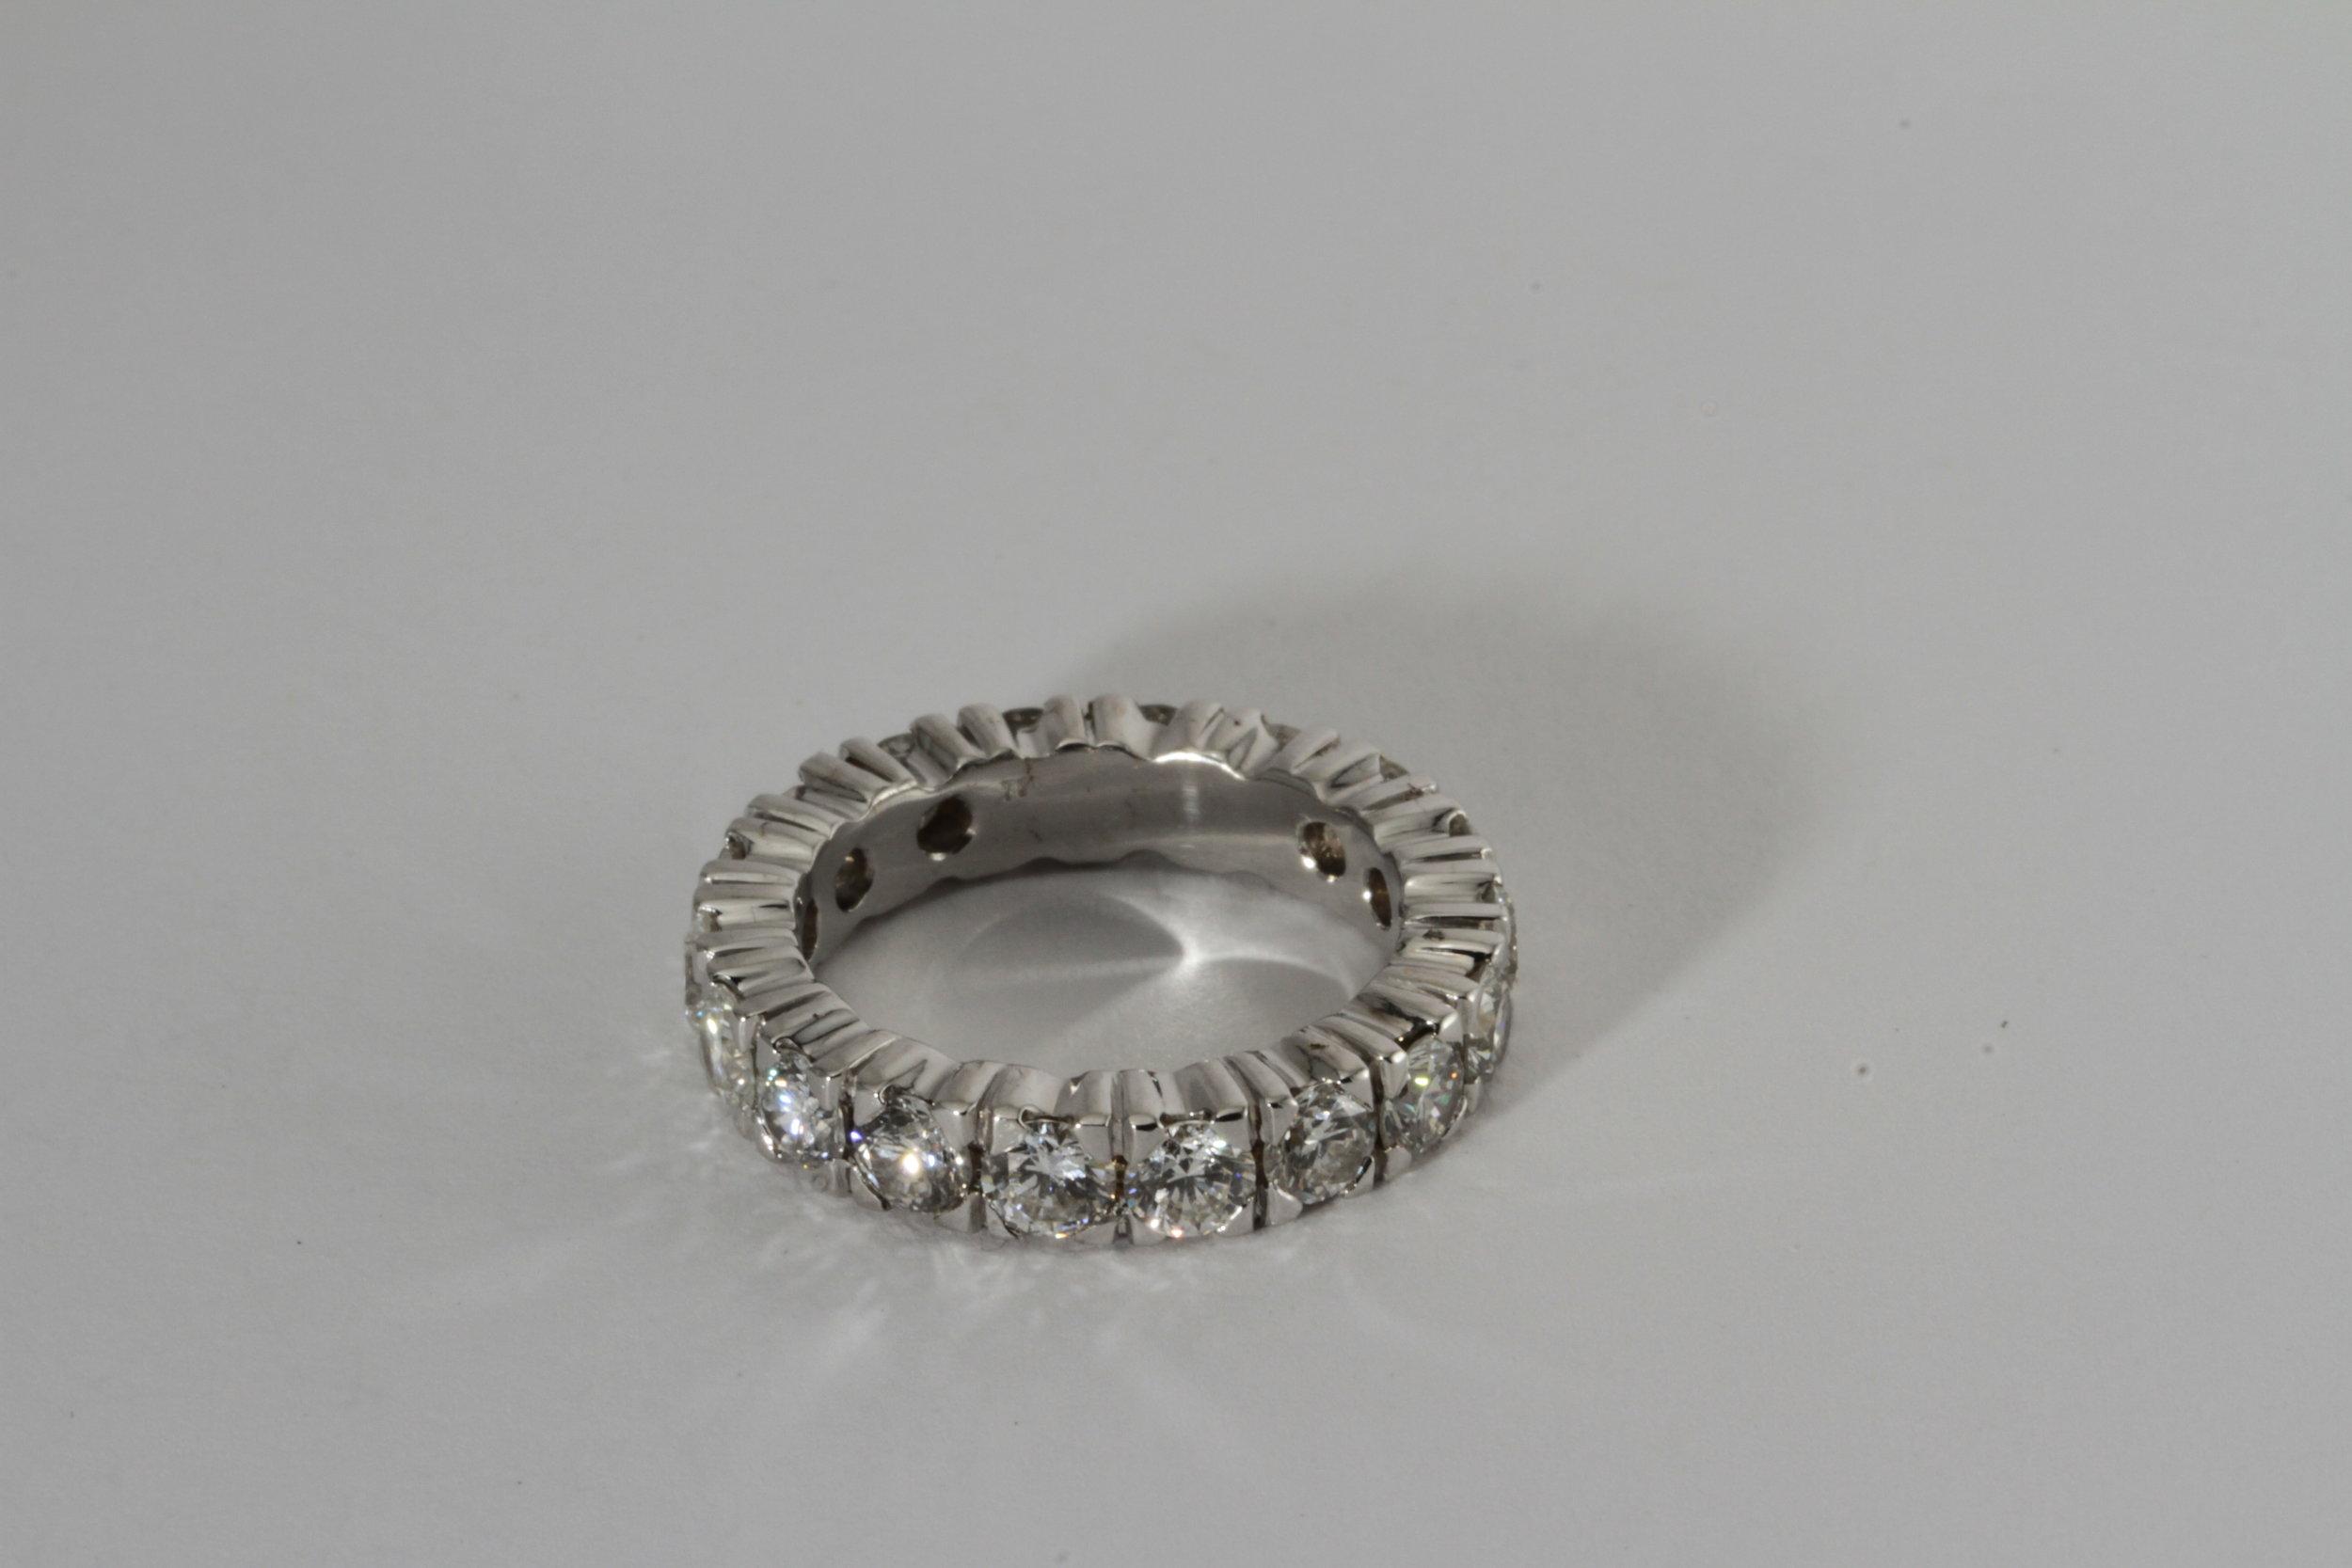 diamond anniversary band. 2.5 carats of fabulous diamonds set in 18k